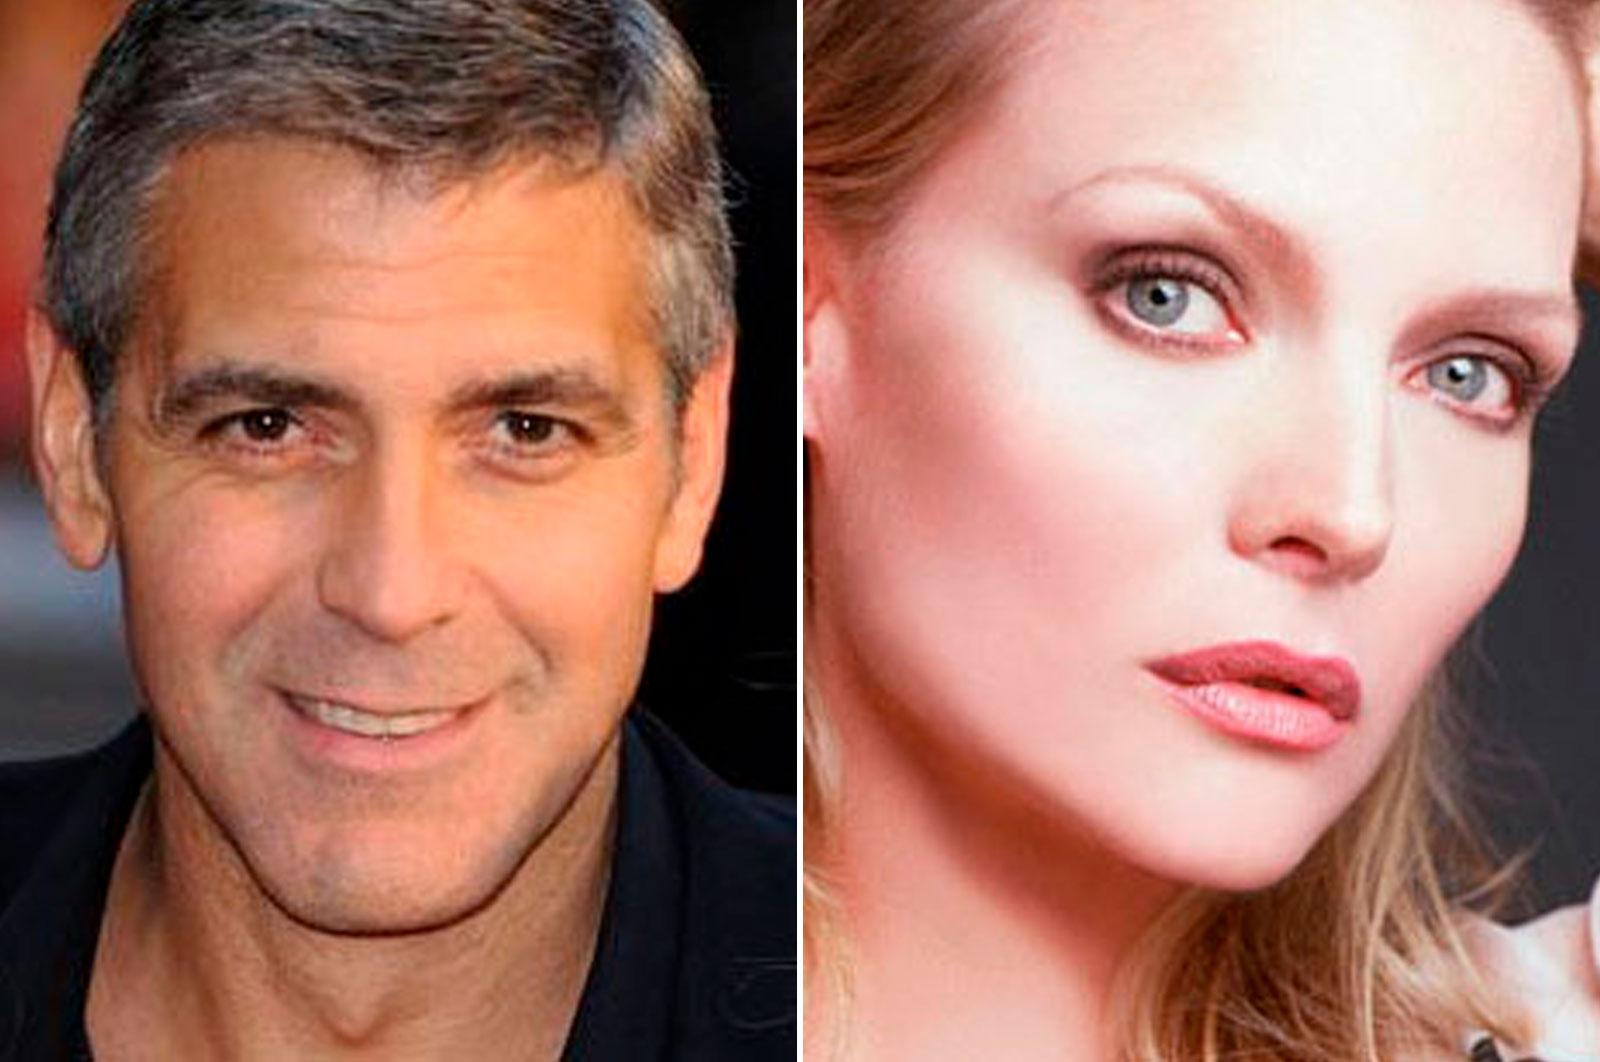 2passclinic before and after transwomen facial feminization FFS mtf antwerp lip lift